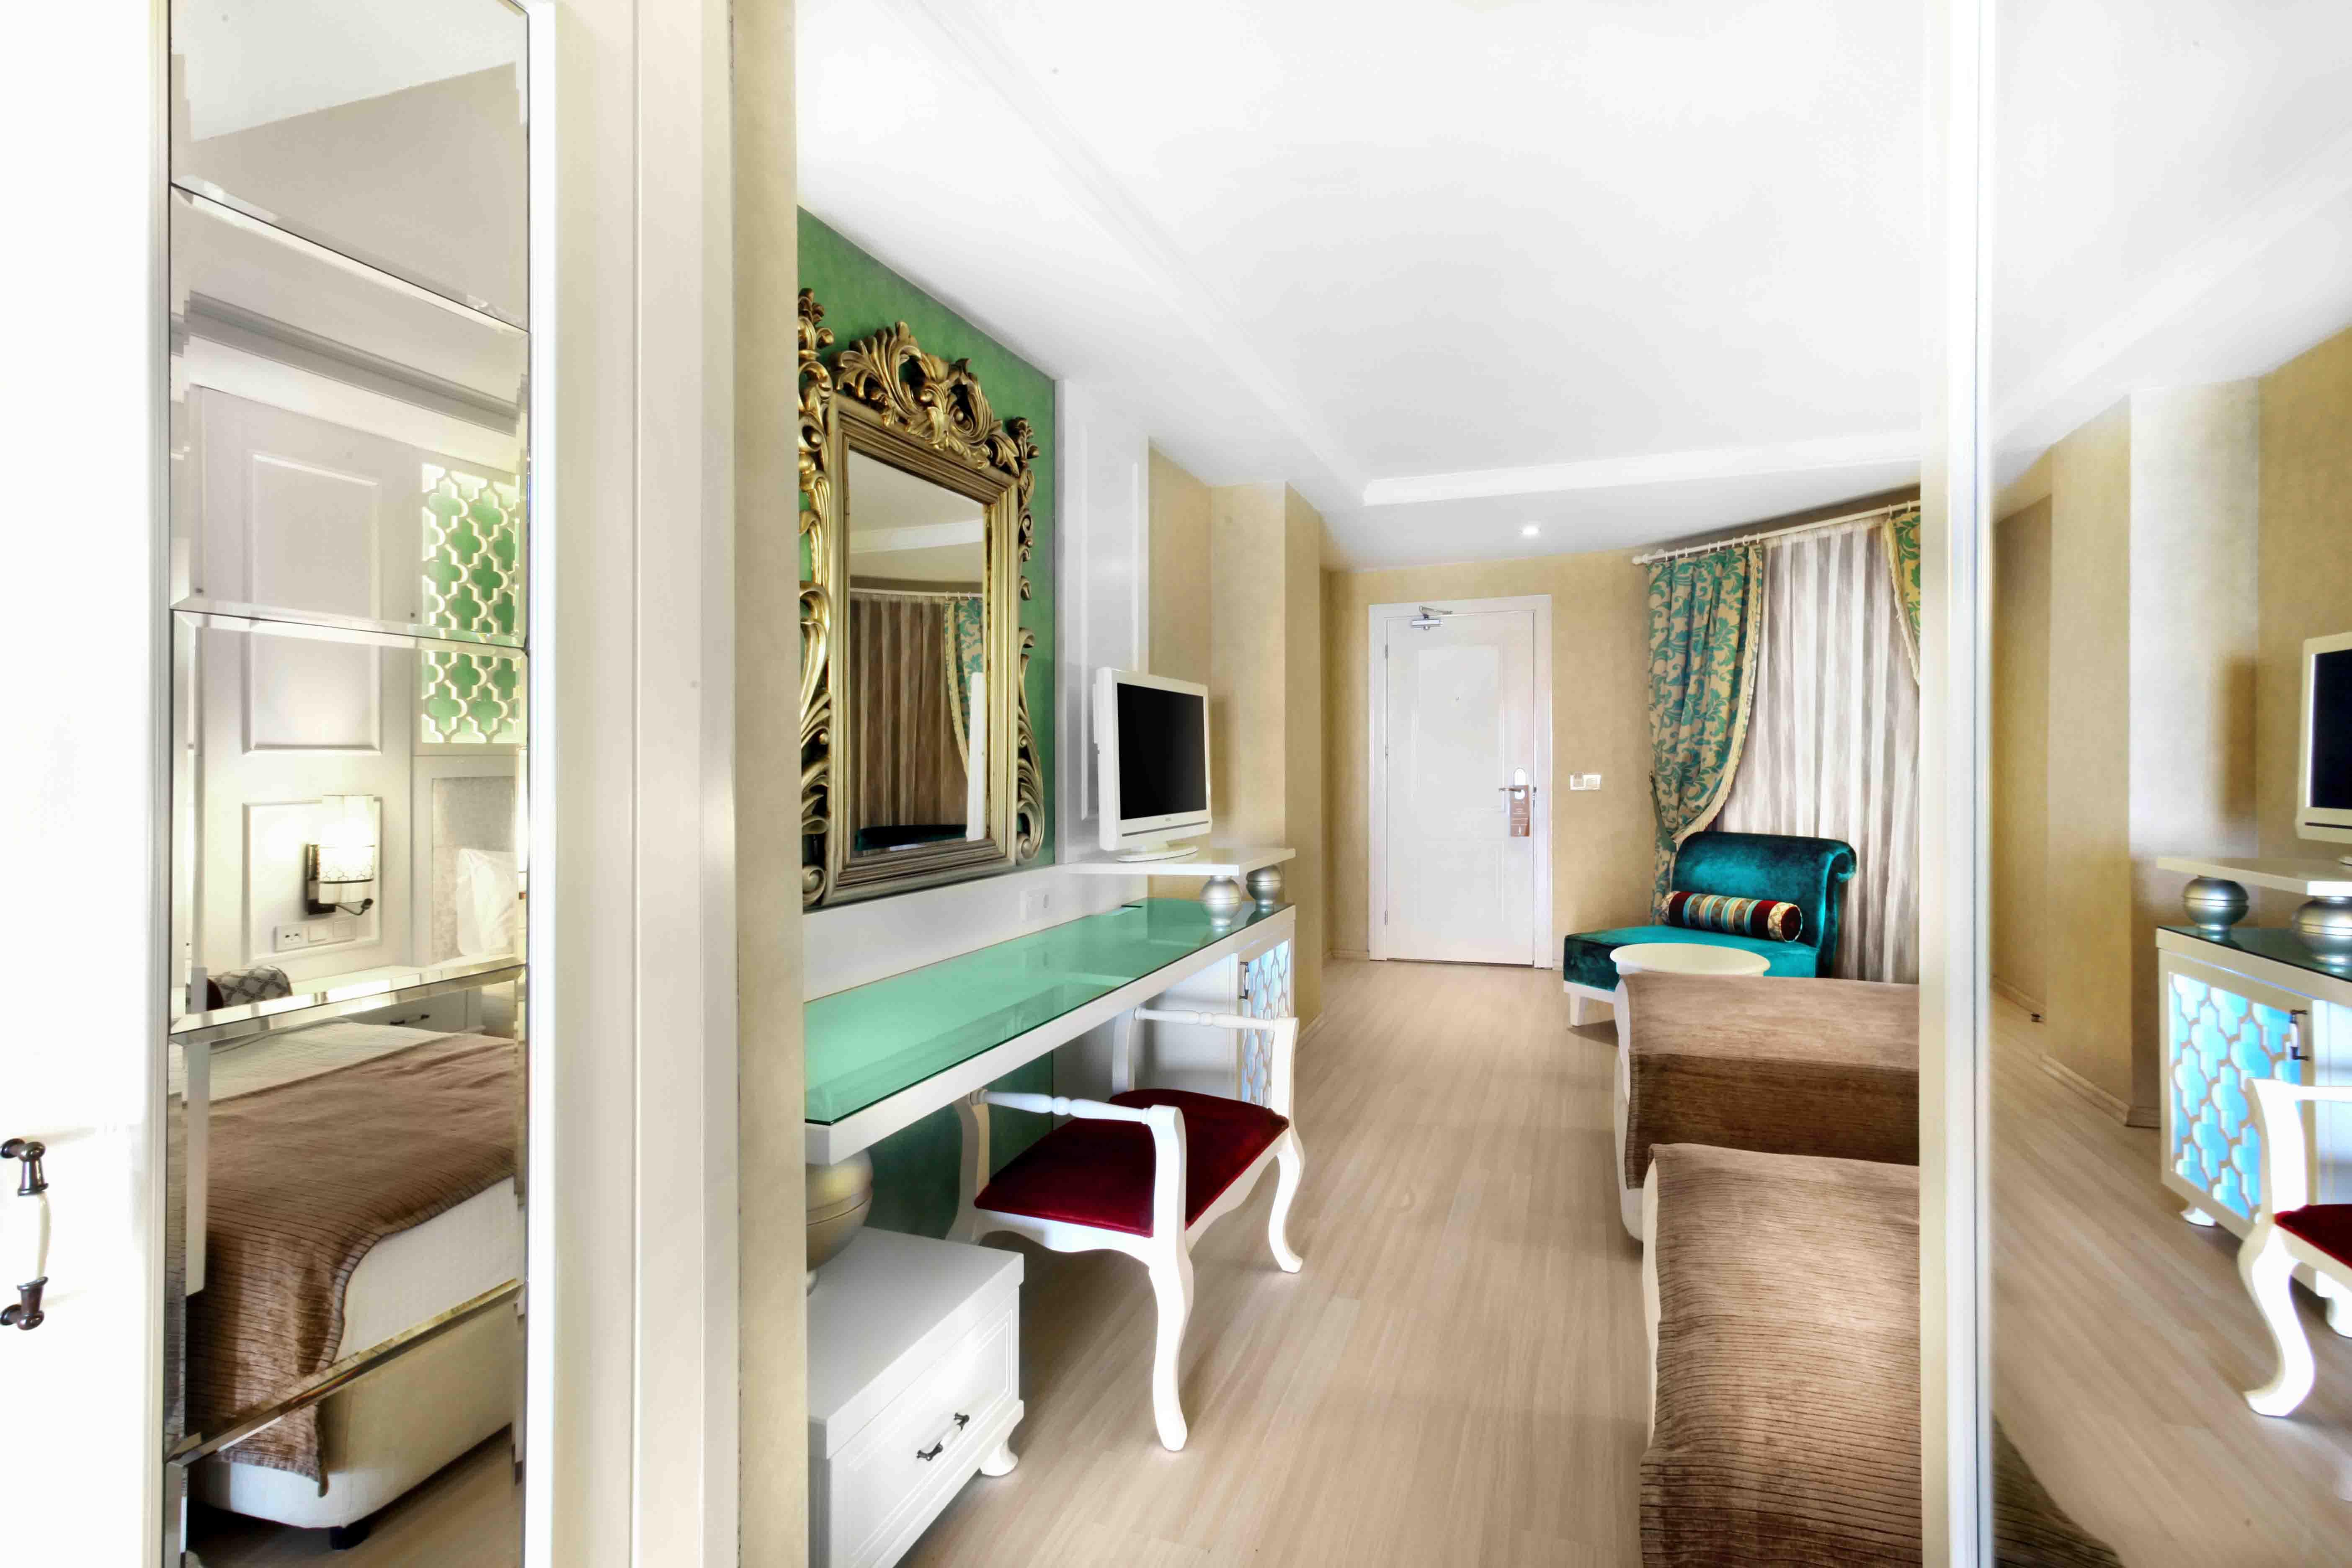 ADENYA HOTEL262337